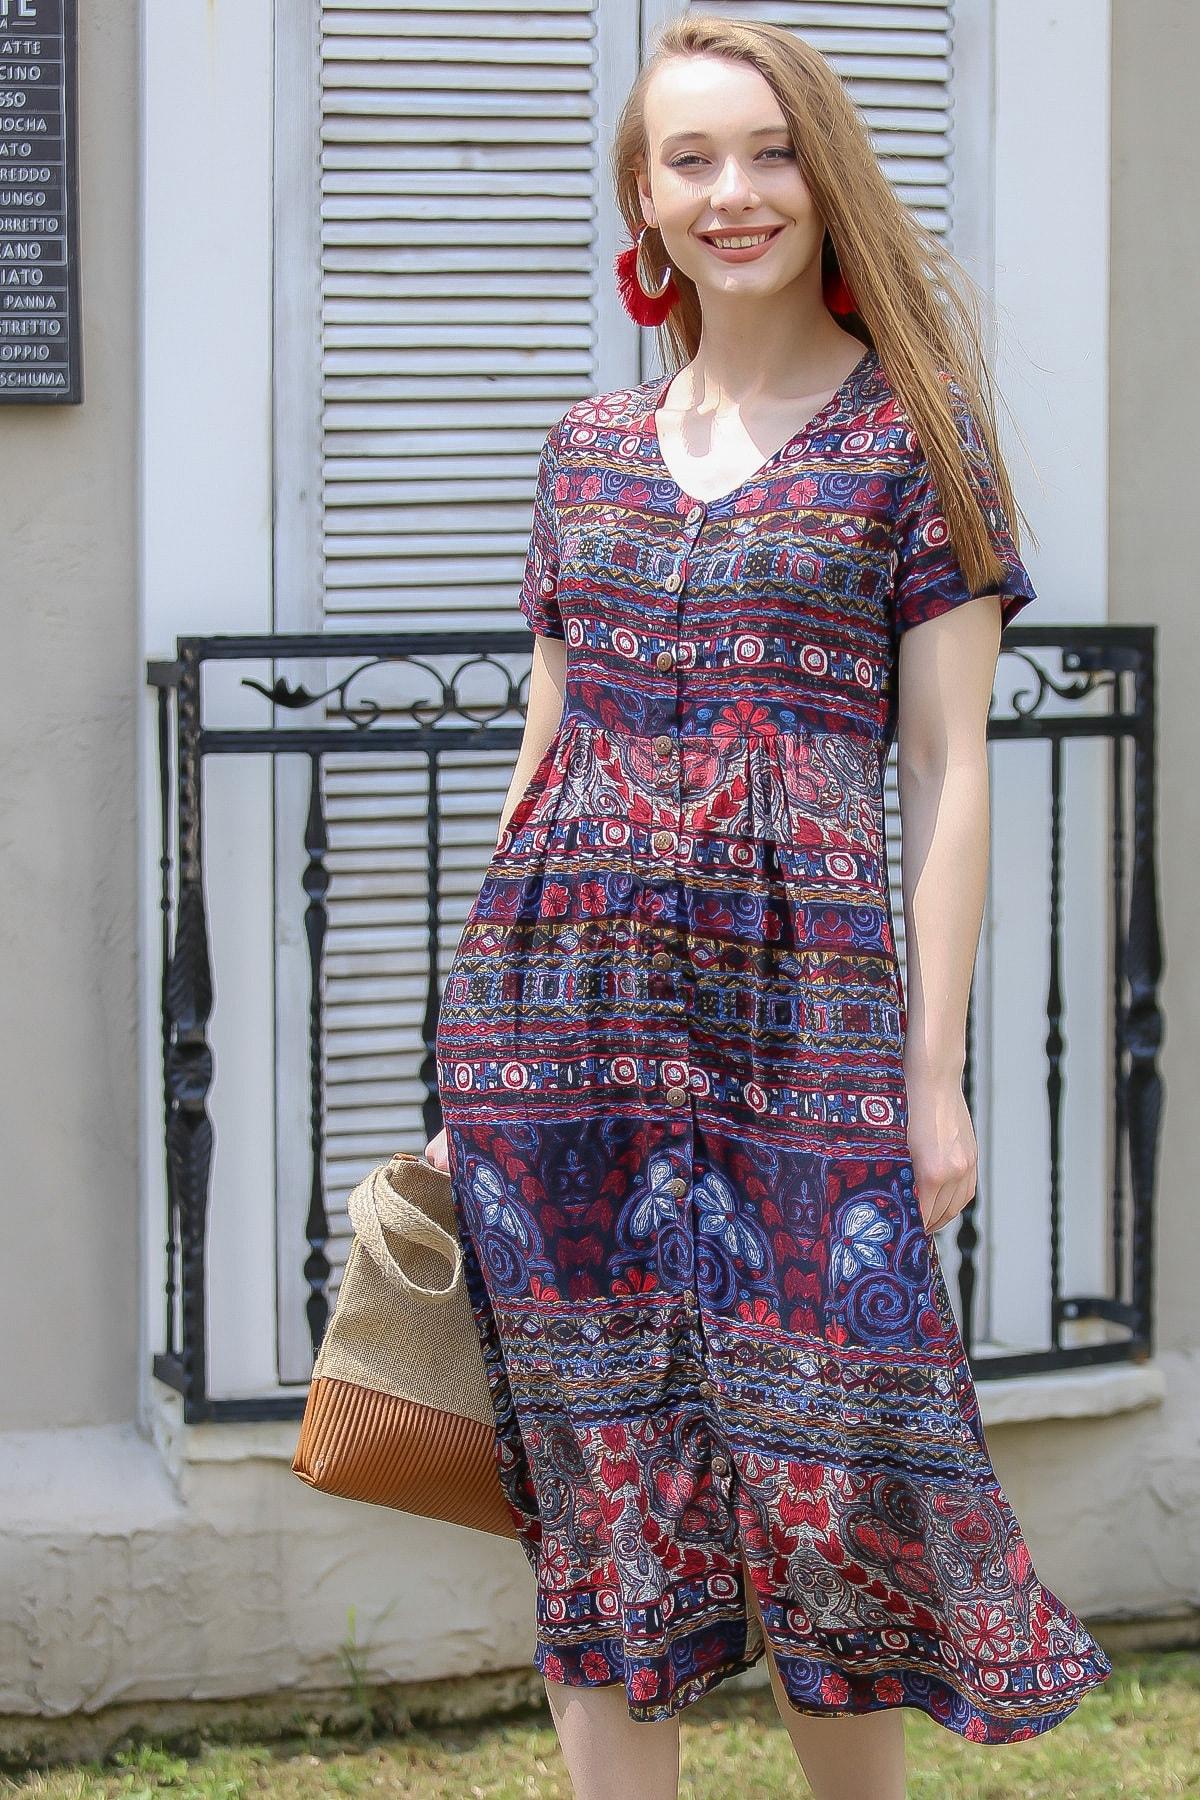 Chiccy Kadın Mor Vintage Çiçek Desenli Süs Düğme Detaylı Elbise M10160000El96894